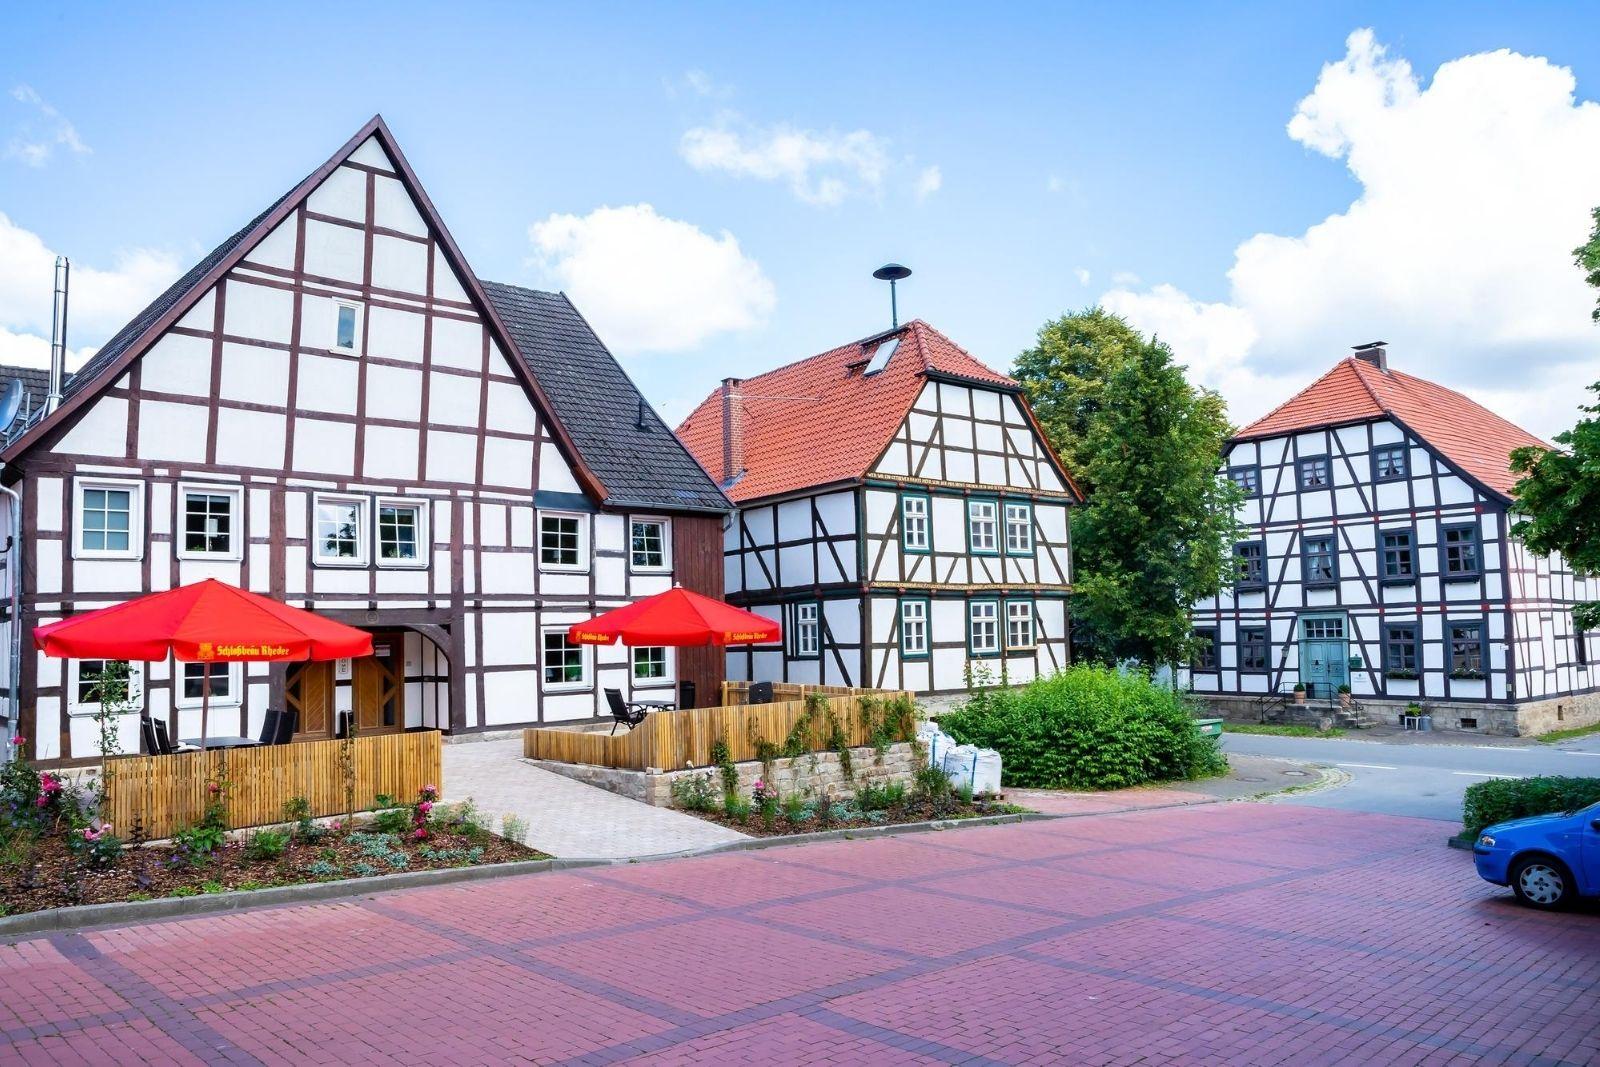 Landhaus Urlaub in Gehrden - schöne Unterkünfte am Schloss